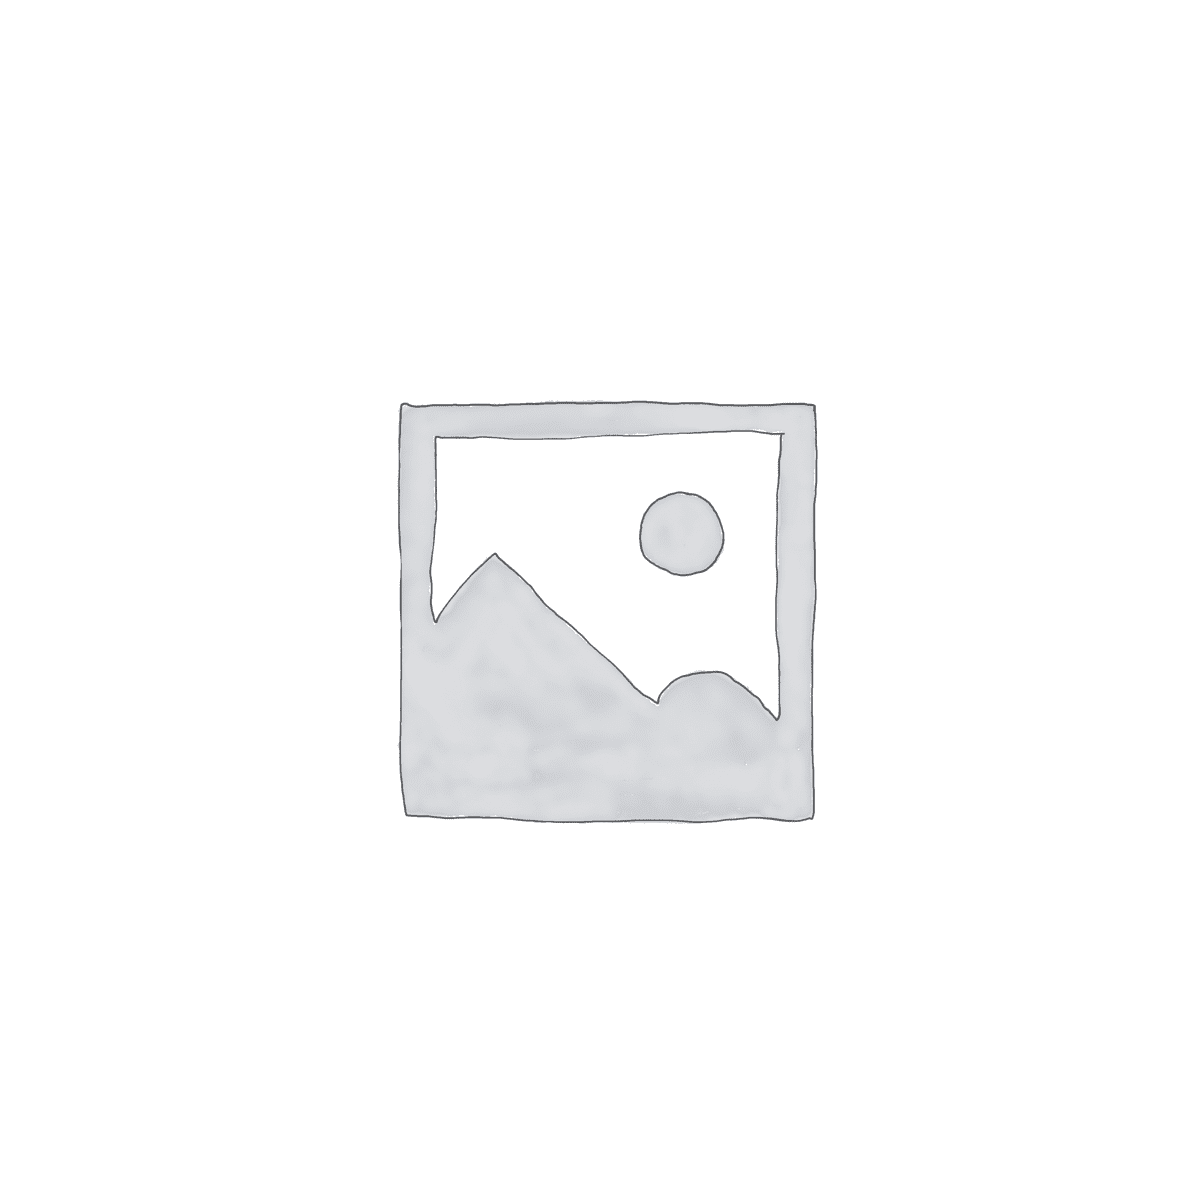 Plassholder